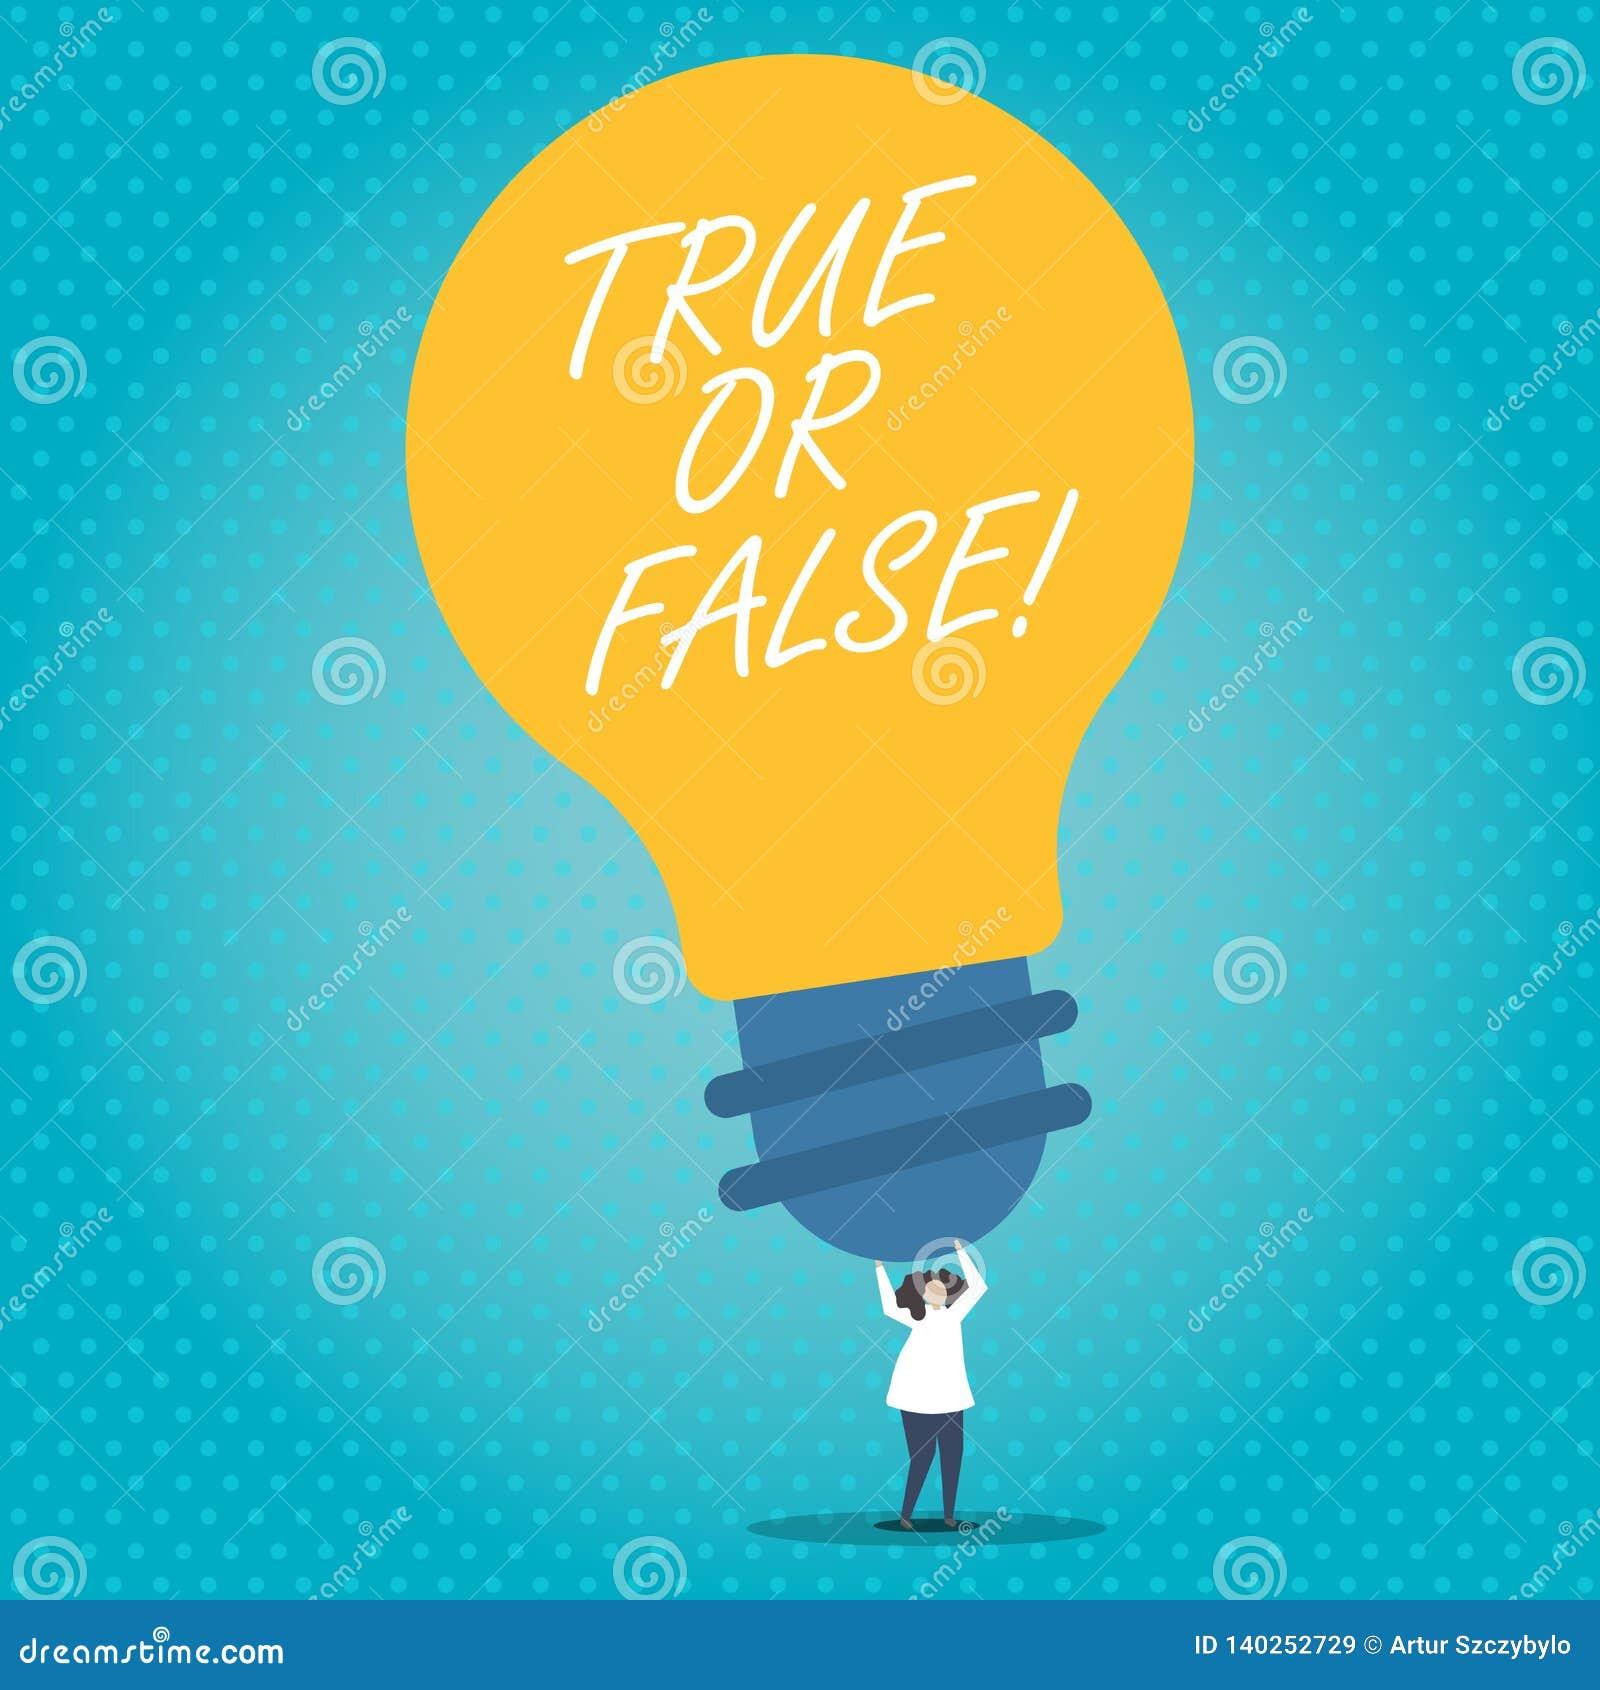 Κείμενο γραφής αληθινό ή ψεύτικο Η έννοια έννοιας αποφασίζει μεταξύ ενός γεγονότος ή αφήγηση μιας σύγχυσης αμφιβολίας ψέματος